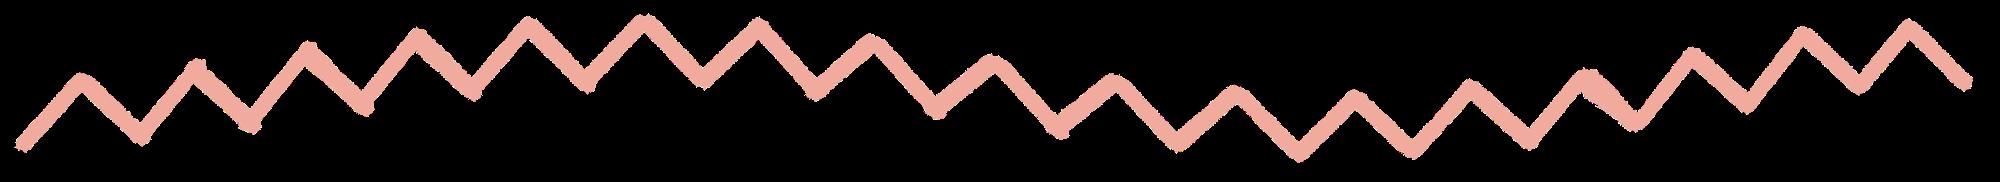 linky_zip_2